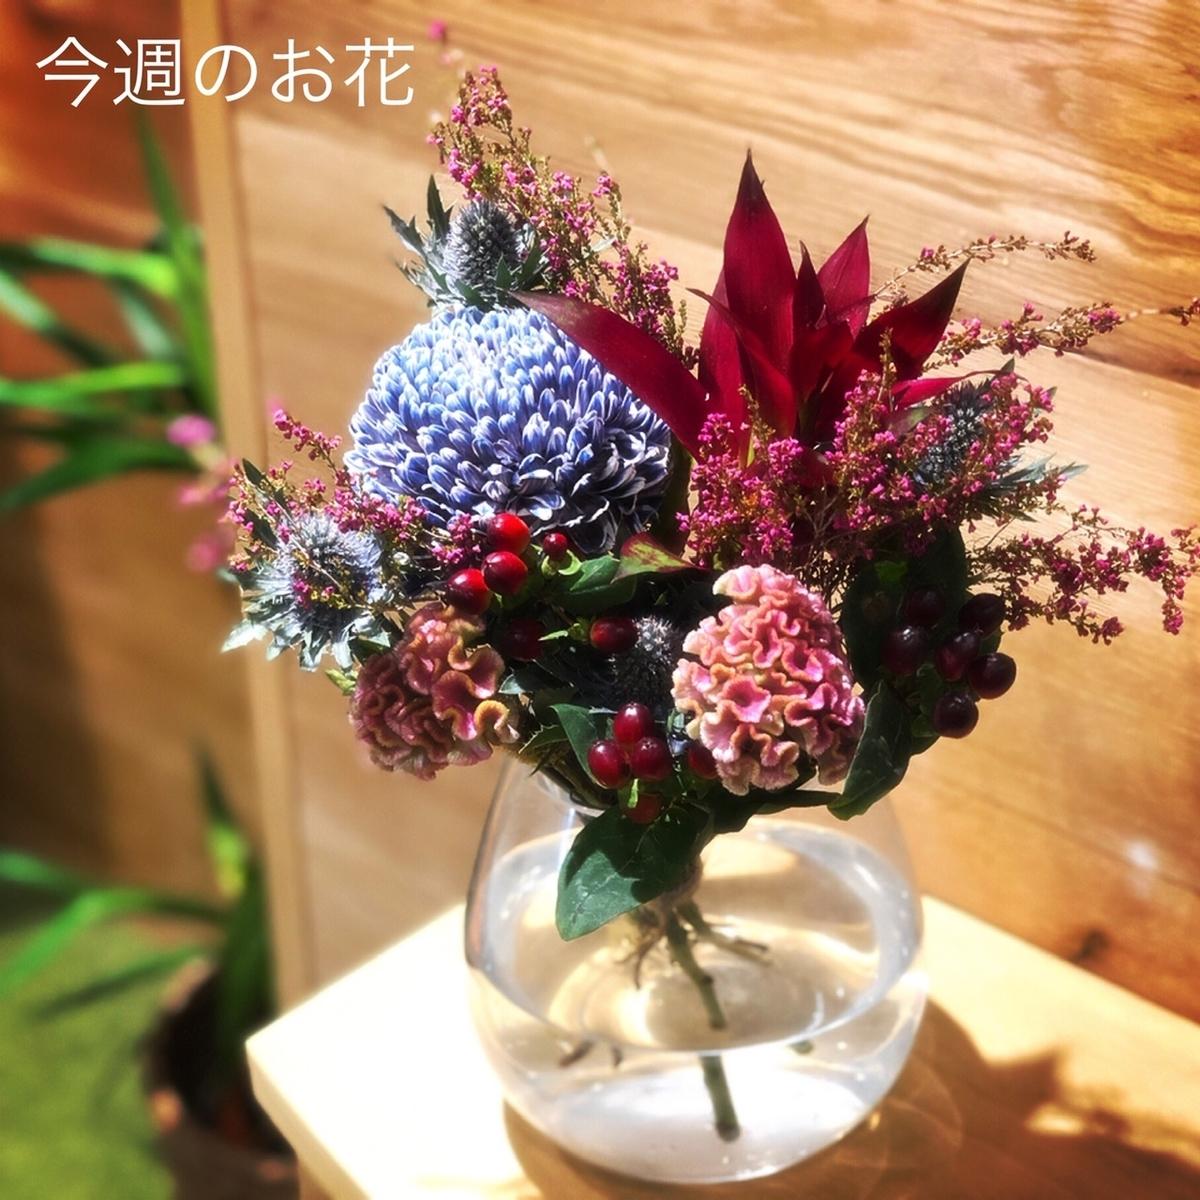 f:id:shinnihonjisyo:20190924124740j:plain